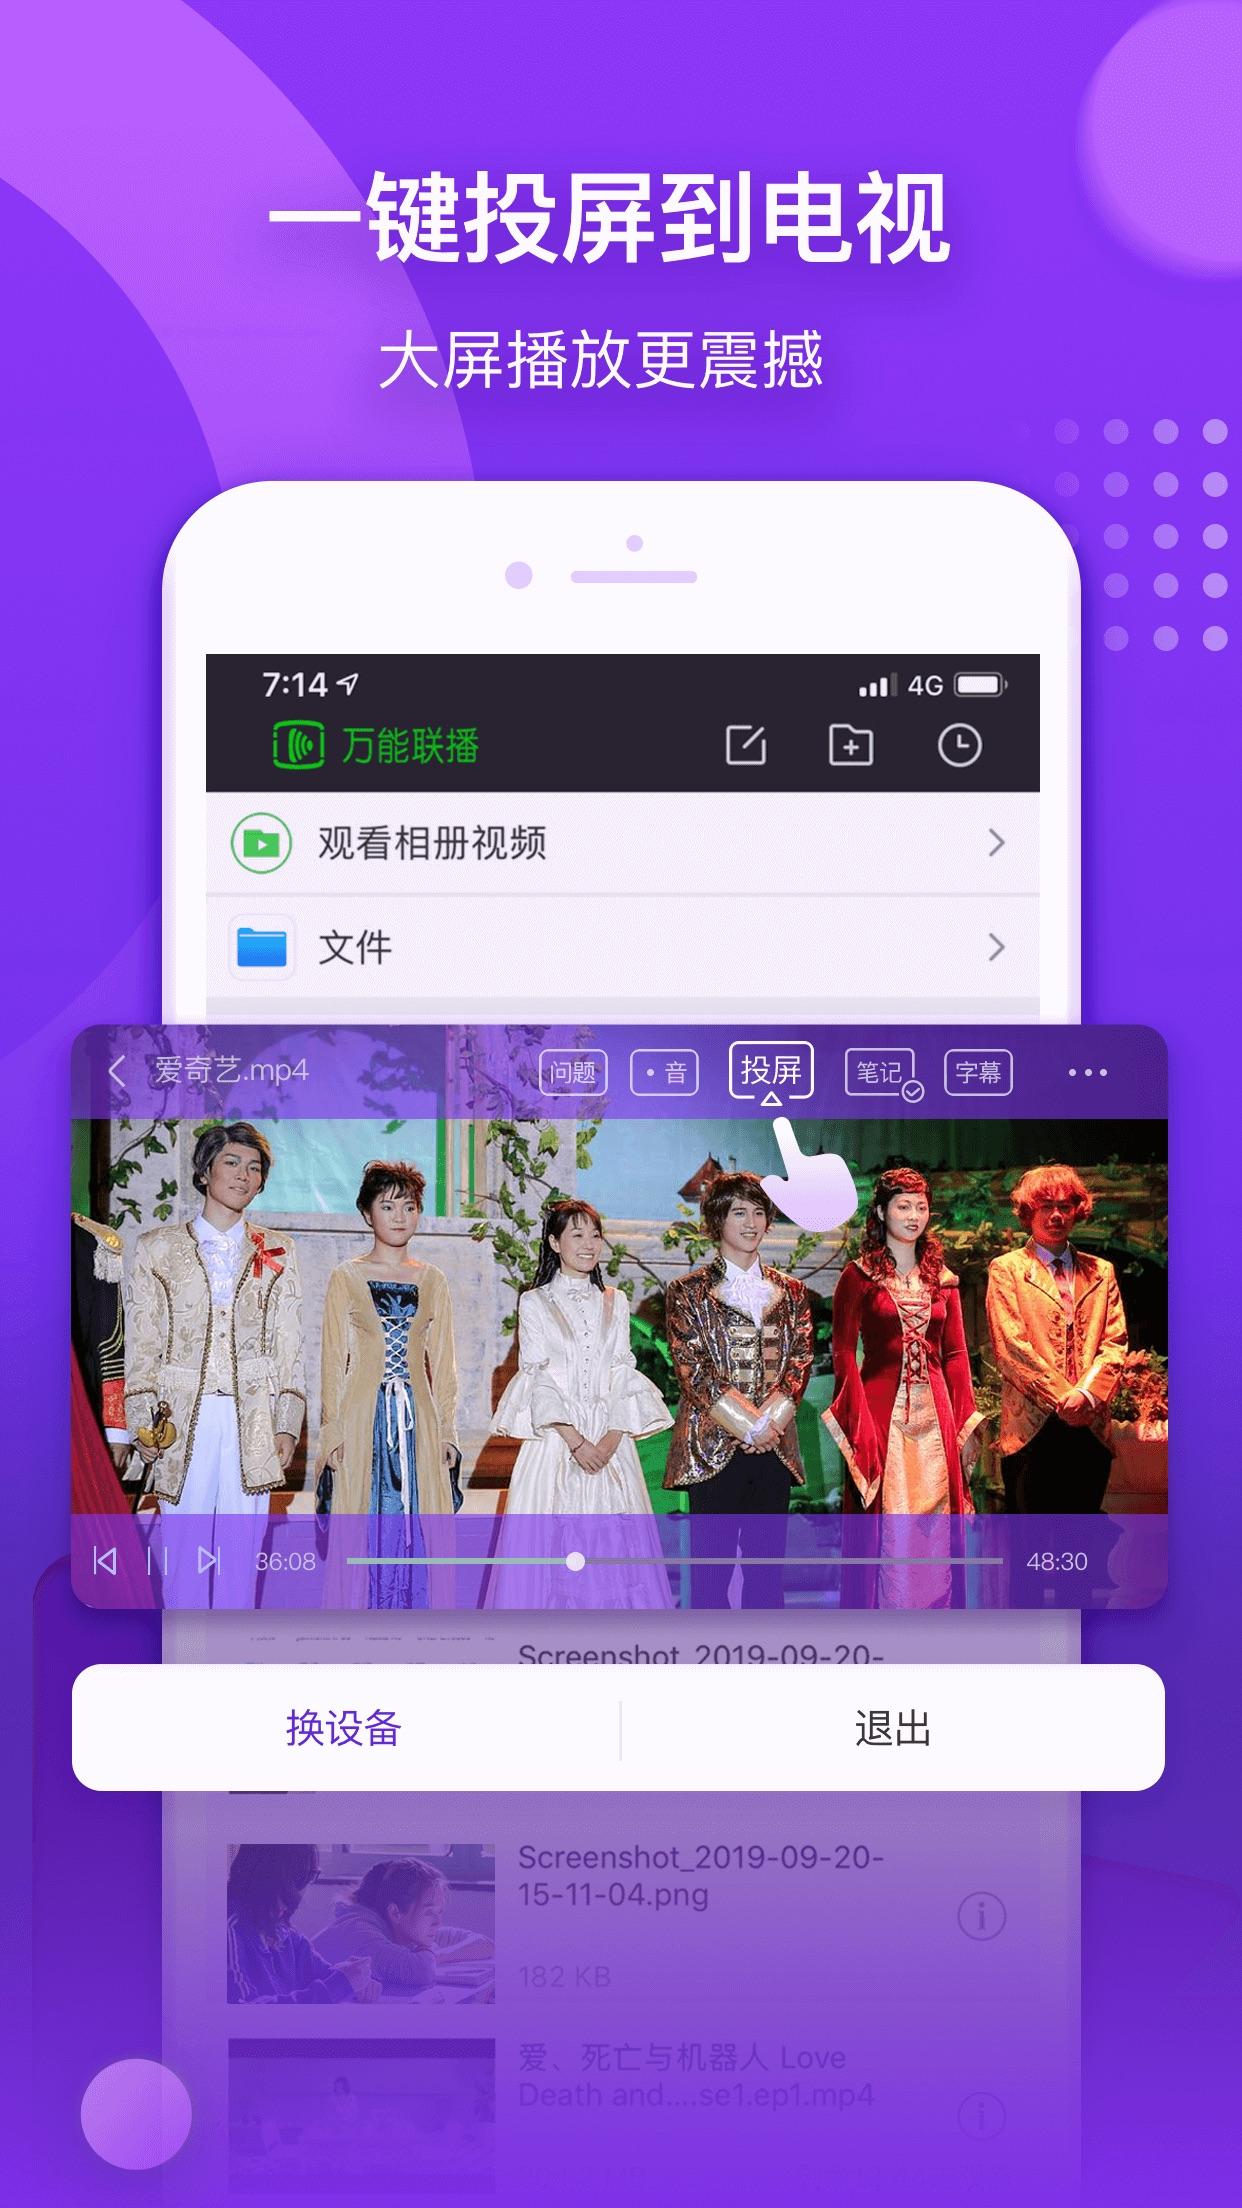 万能联播-爱奇艺万能播放和快传工具 Screenshot